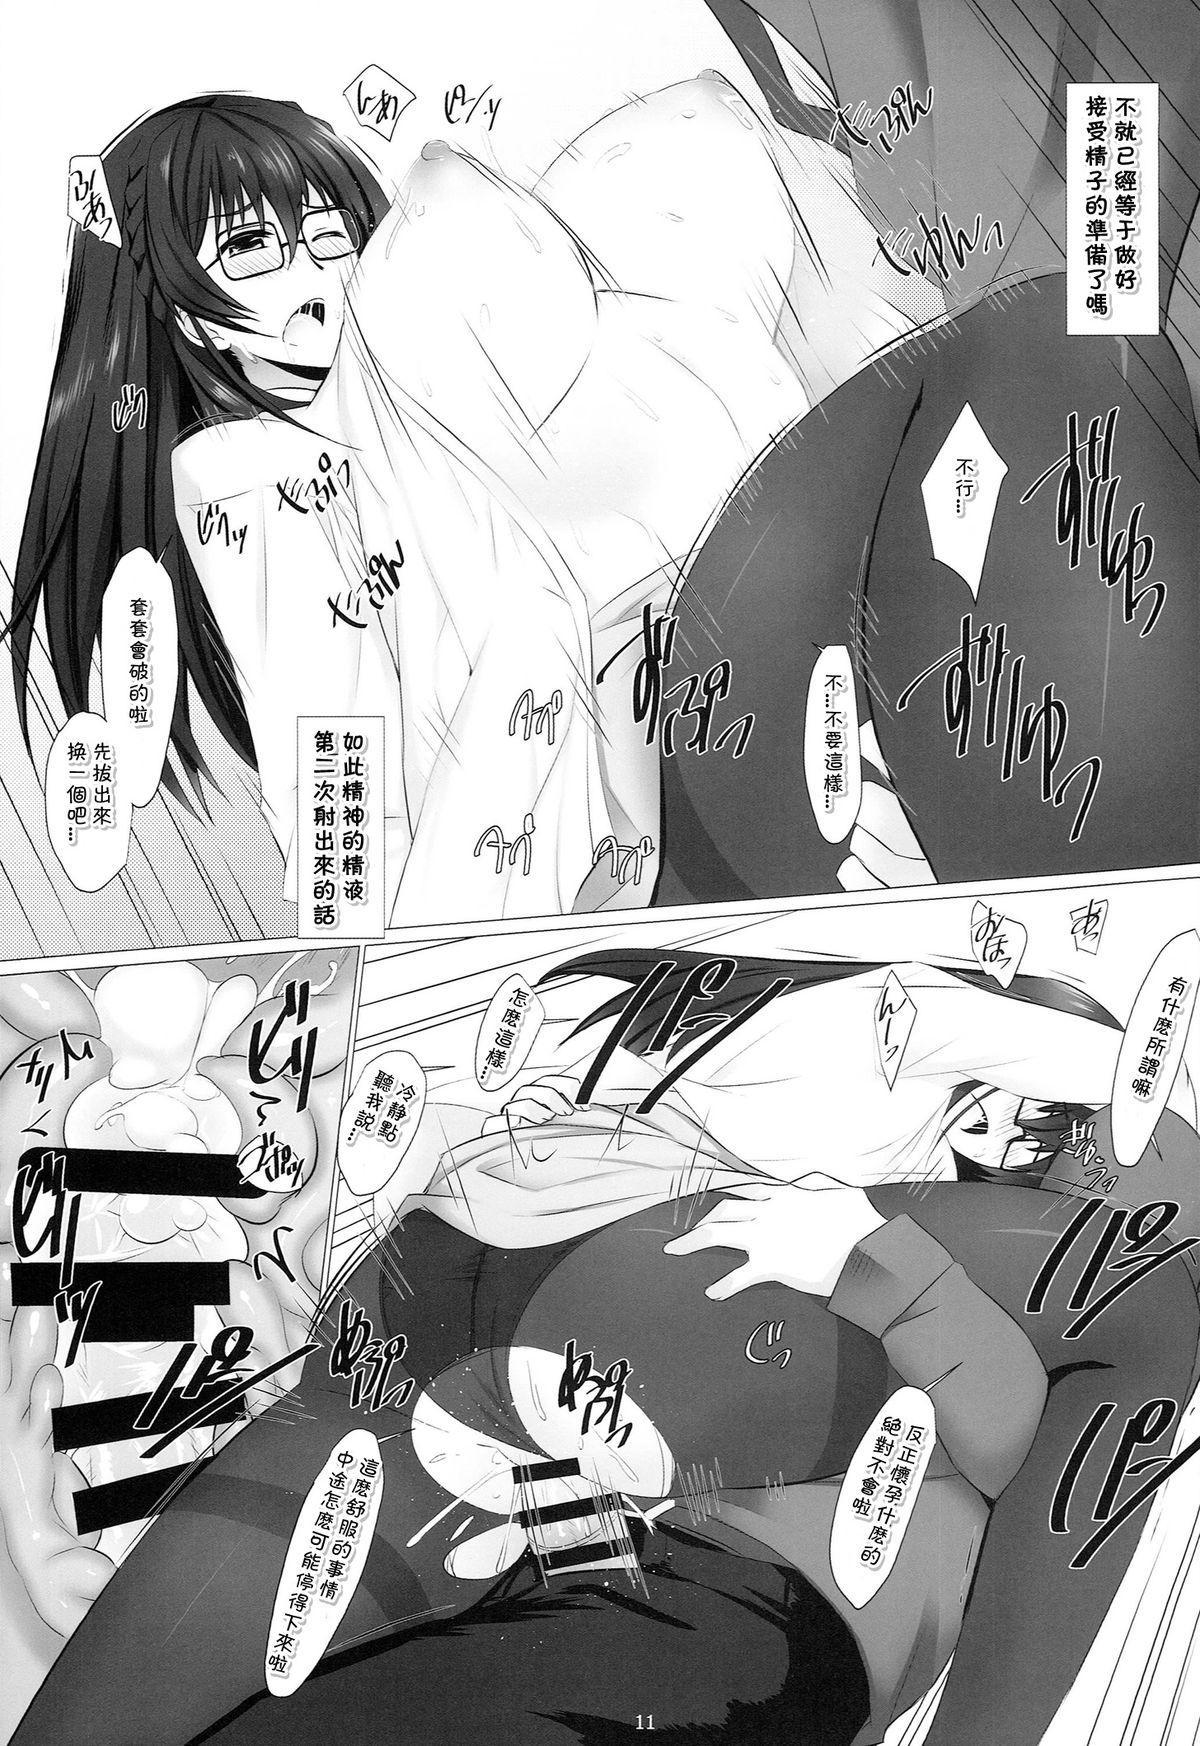 Saijou Suzune no Seiyoku Shori Kyoushitu 11